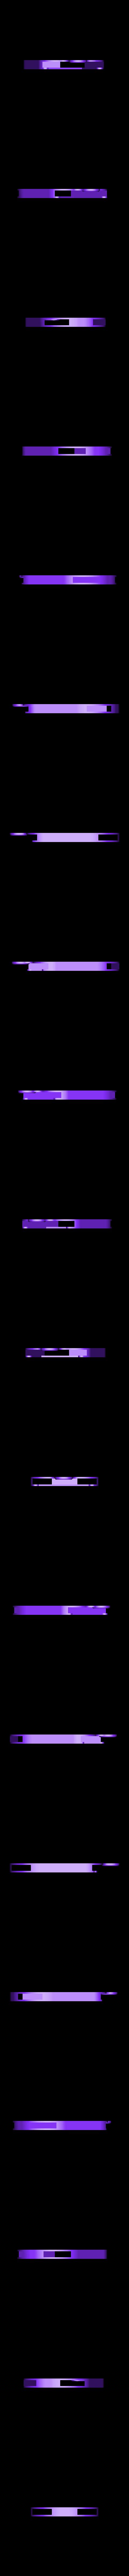 Cache Lame.stl Télécharger fichier STL Petite Mandoline • Modèle imprimable en 3D, Nitsoh